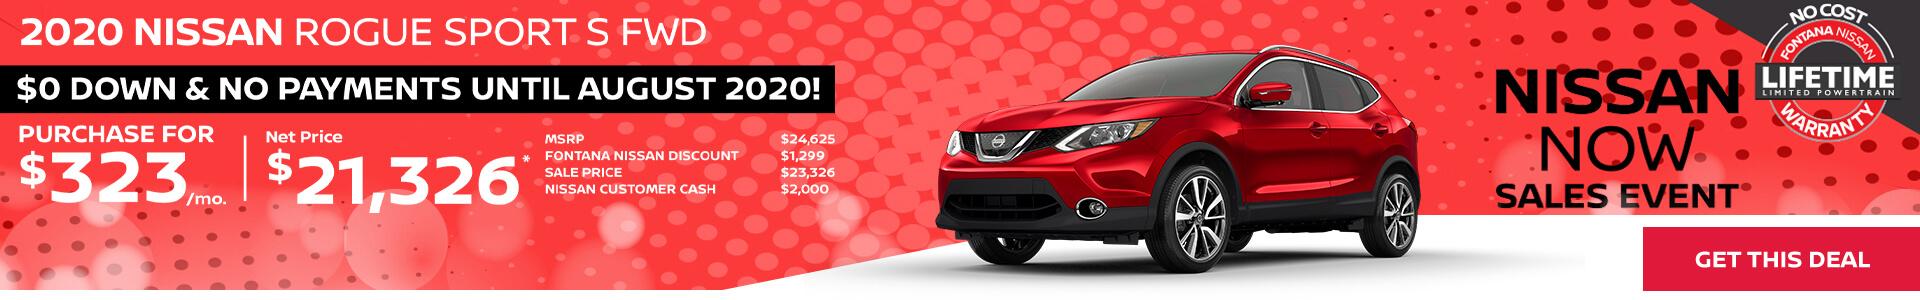 Nissan Rogue Sport $323